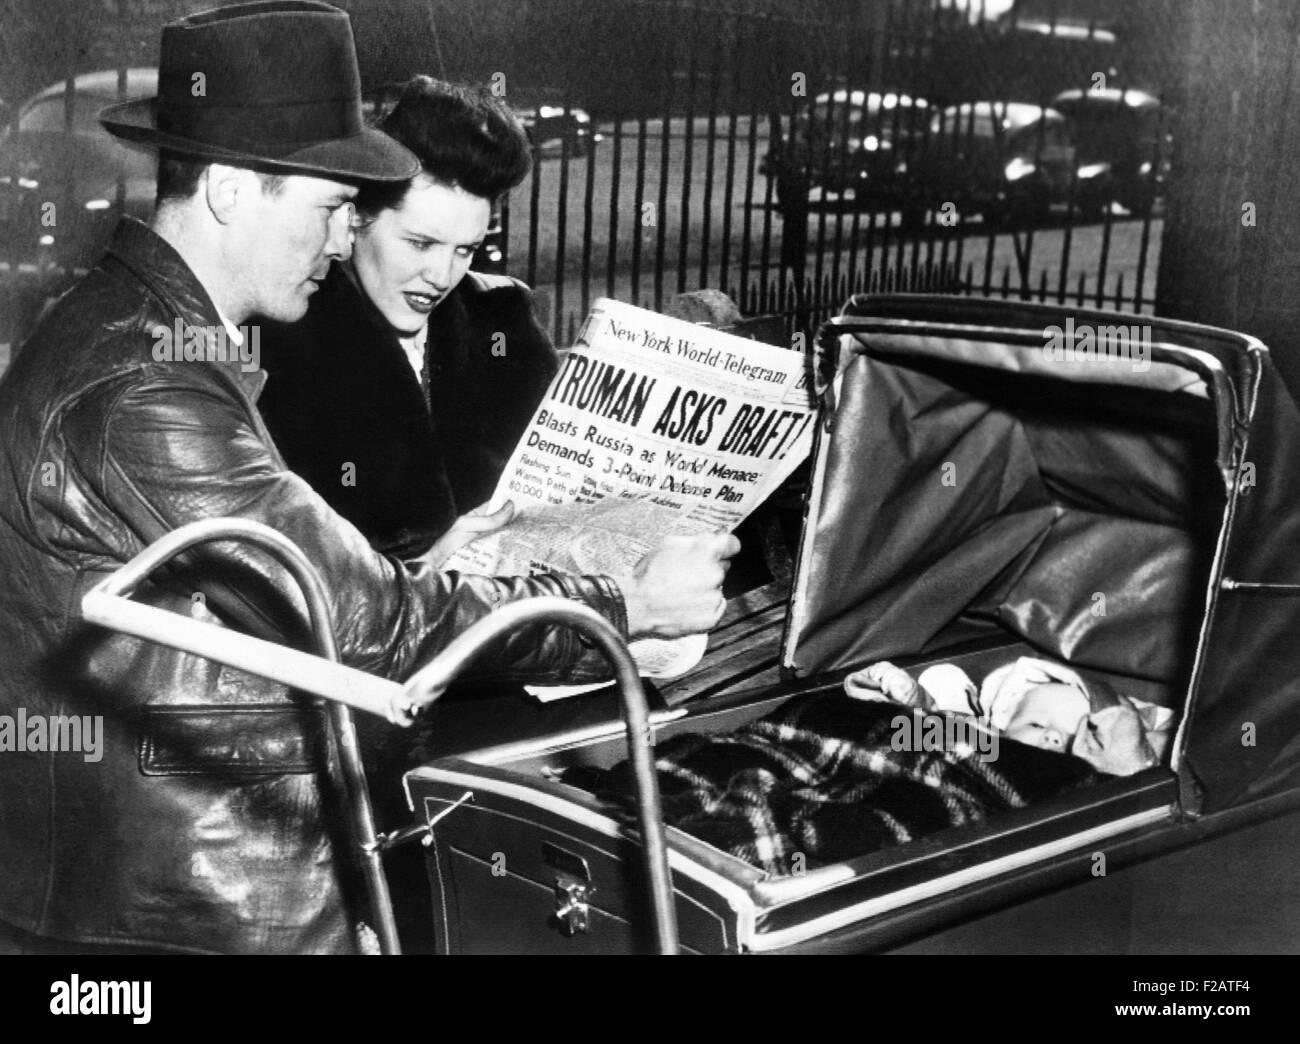 """Ein Veteran des zweiten Weltkrieges und seine Frau mit Baby, lautete die Überschrift, """"Truman fragt Entwurf!"""" Stockbild"""